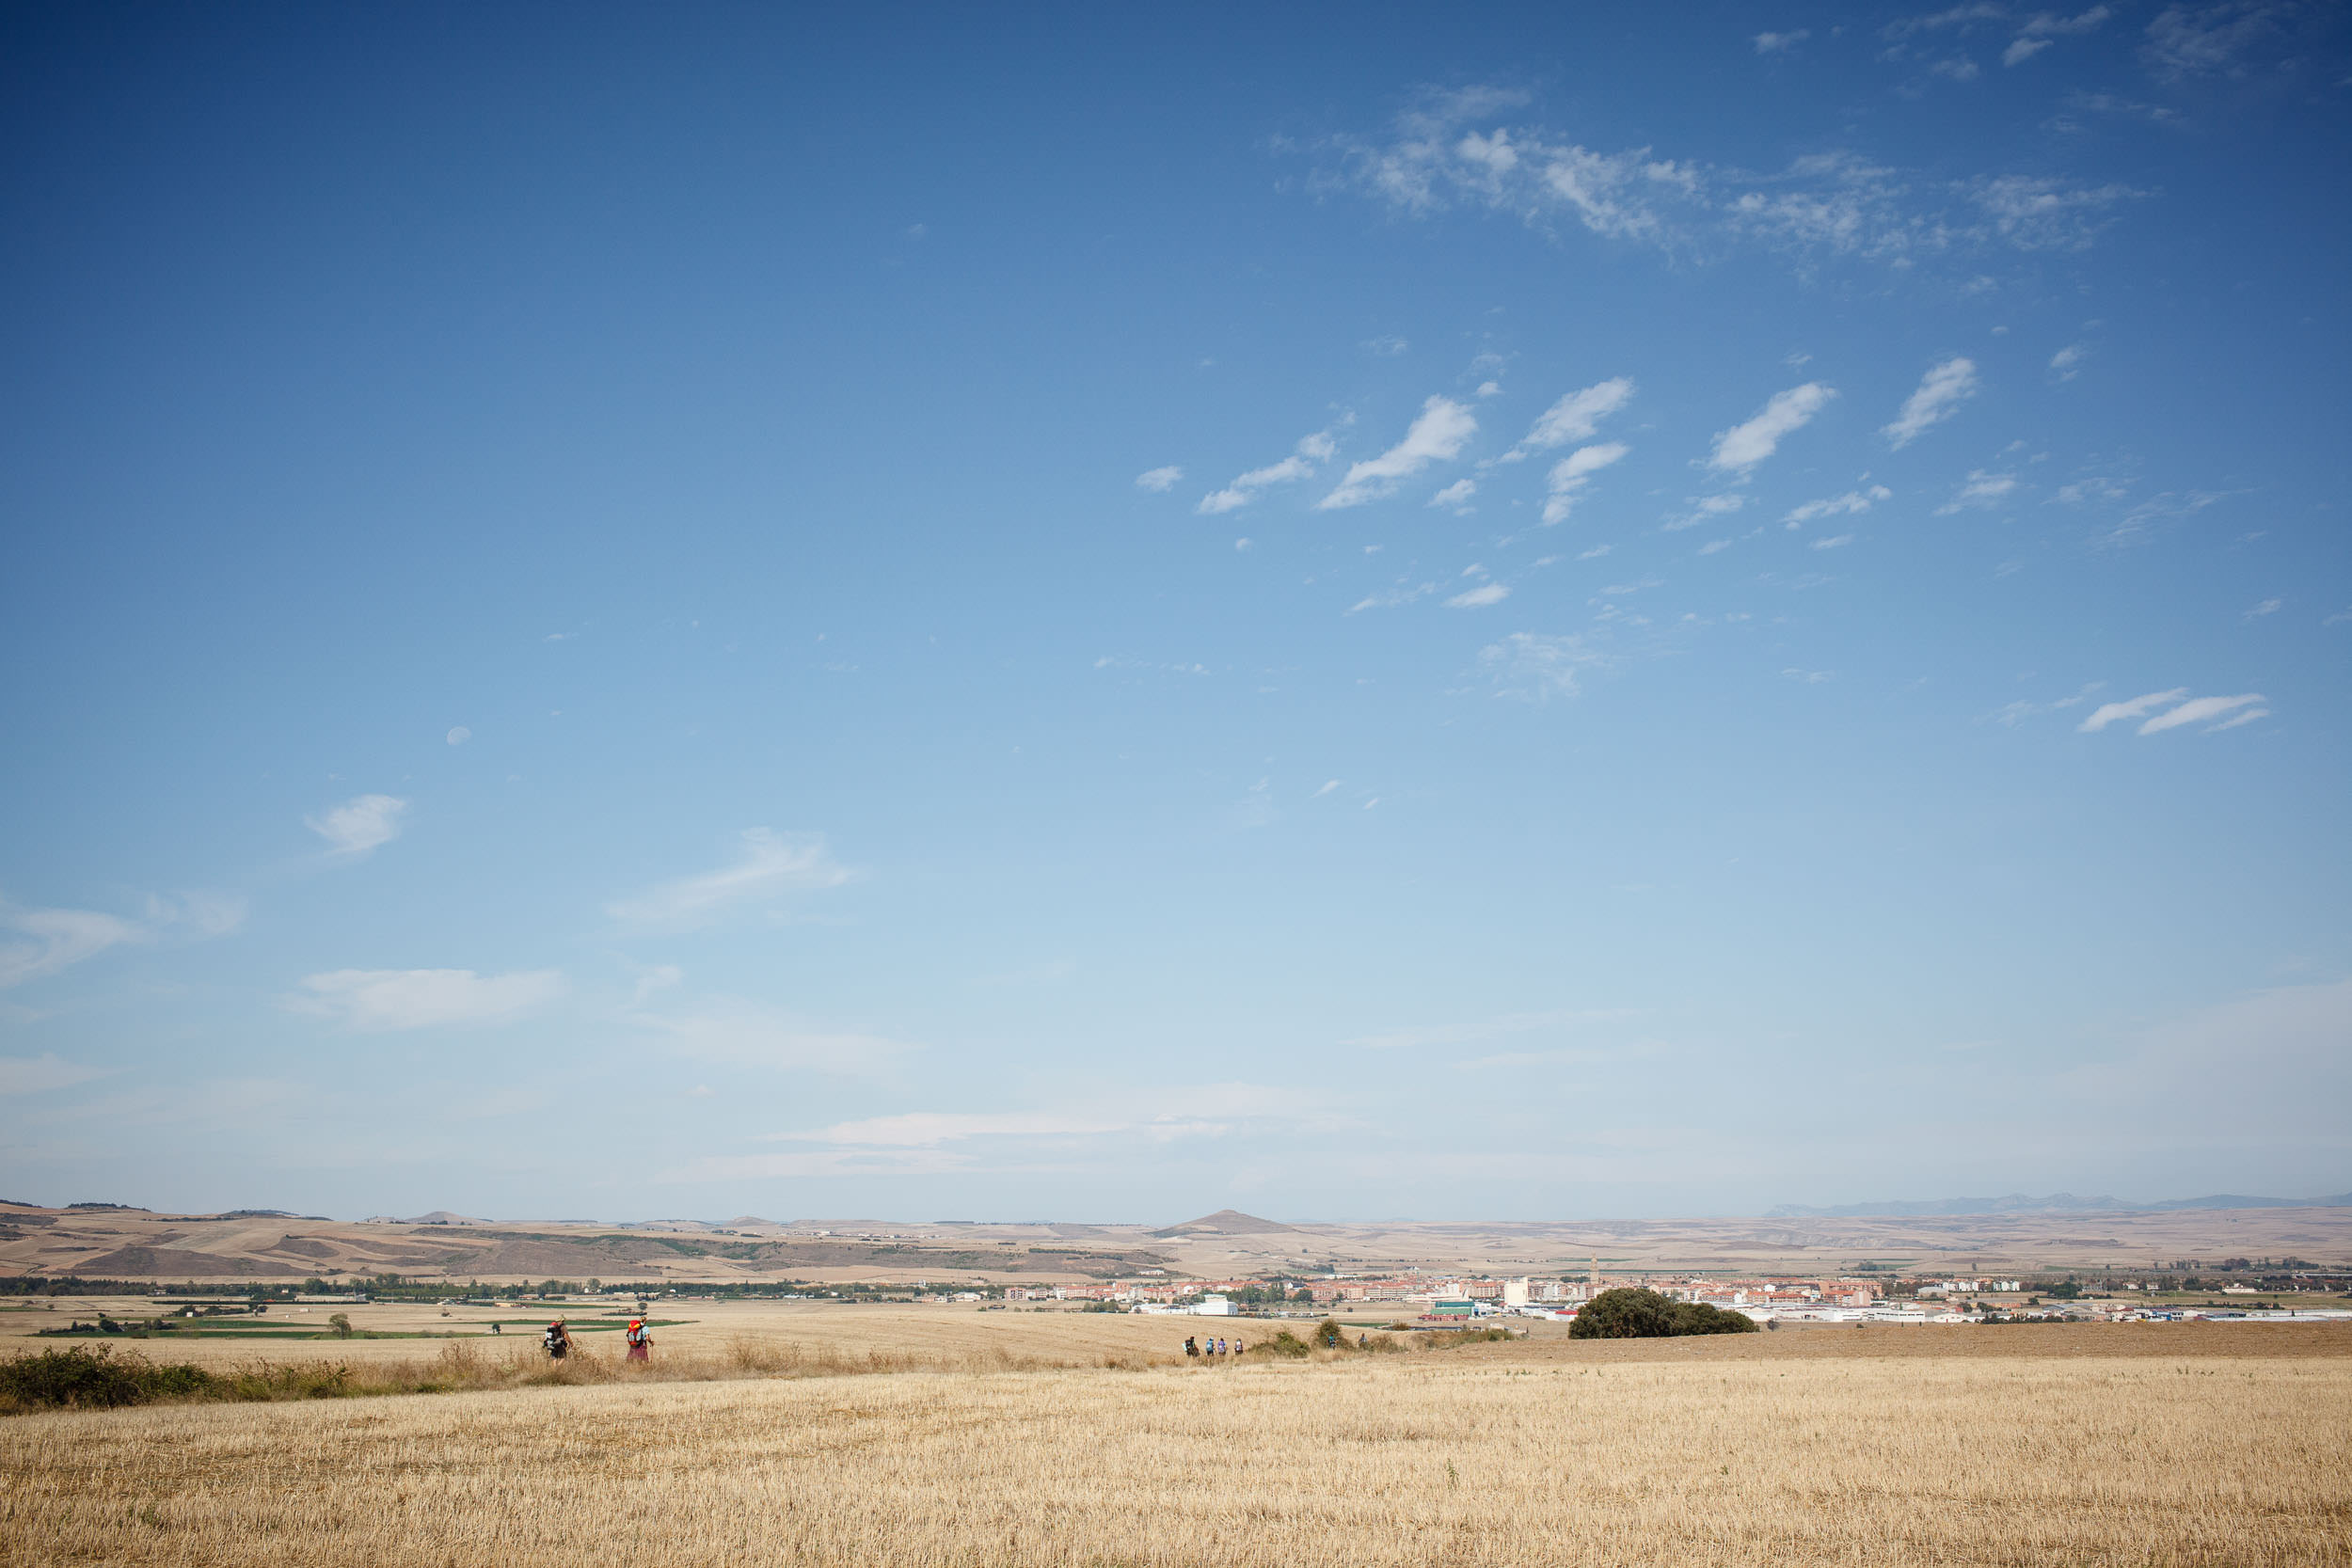 13/09/14 Peregrinos en el Camino de Santiago cerca de Santo Domingo de la Calzada, La Rioja, España. Foto @ James Sturcke   www.sturcke.org